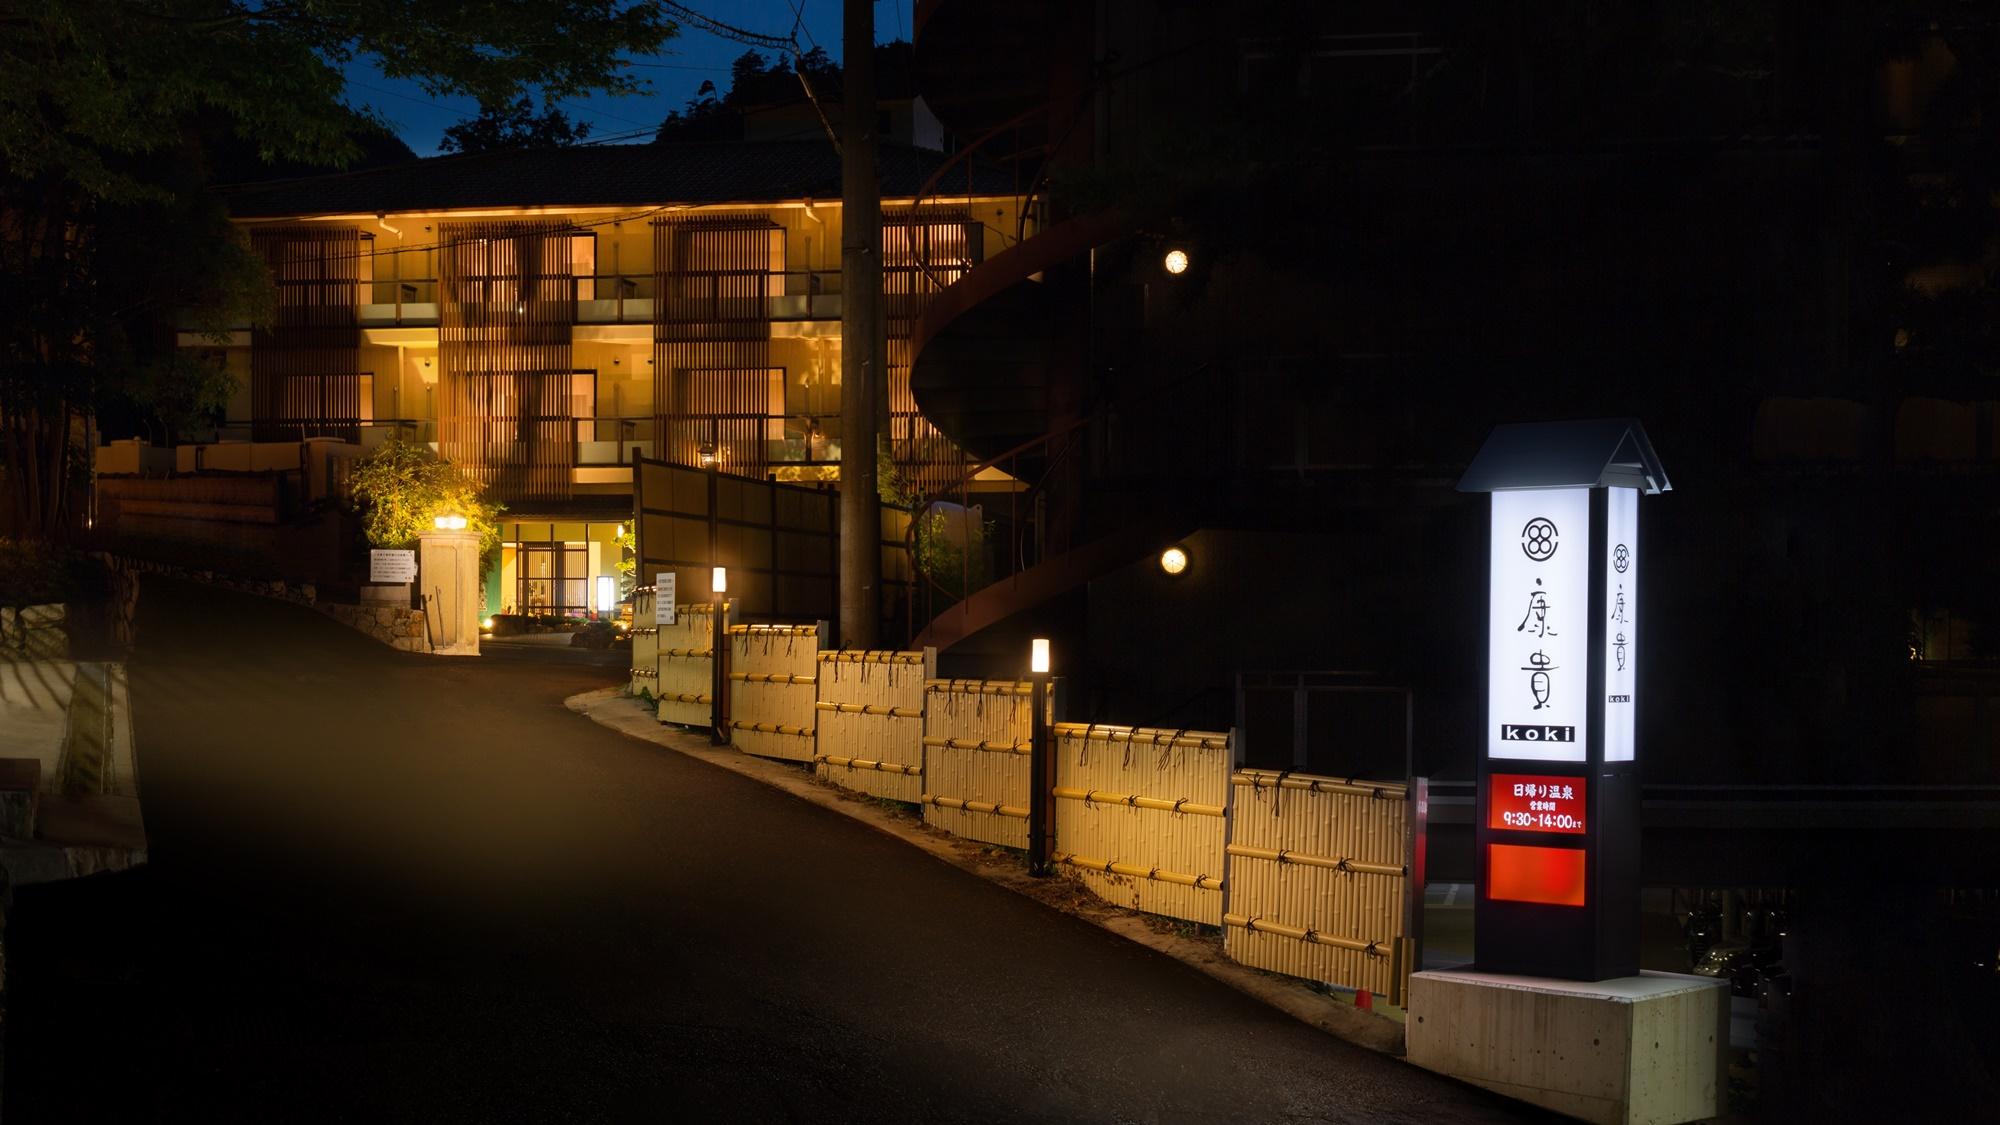 有馬温泉〜金泉・銀泉と4つの貸切風呂〜湯屋の宿 康貴